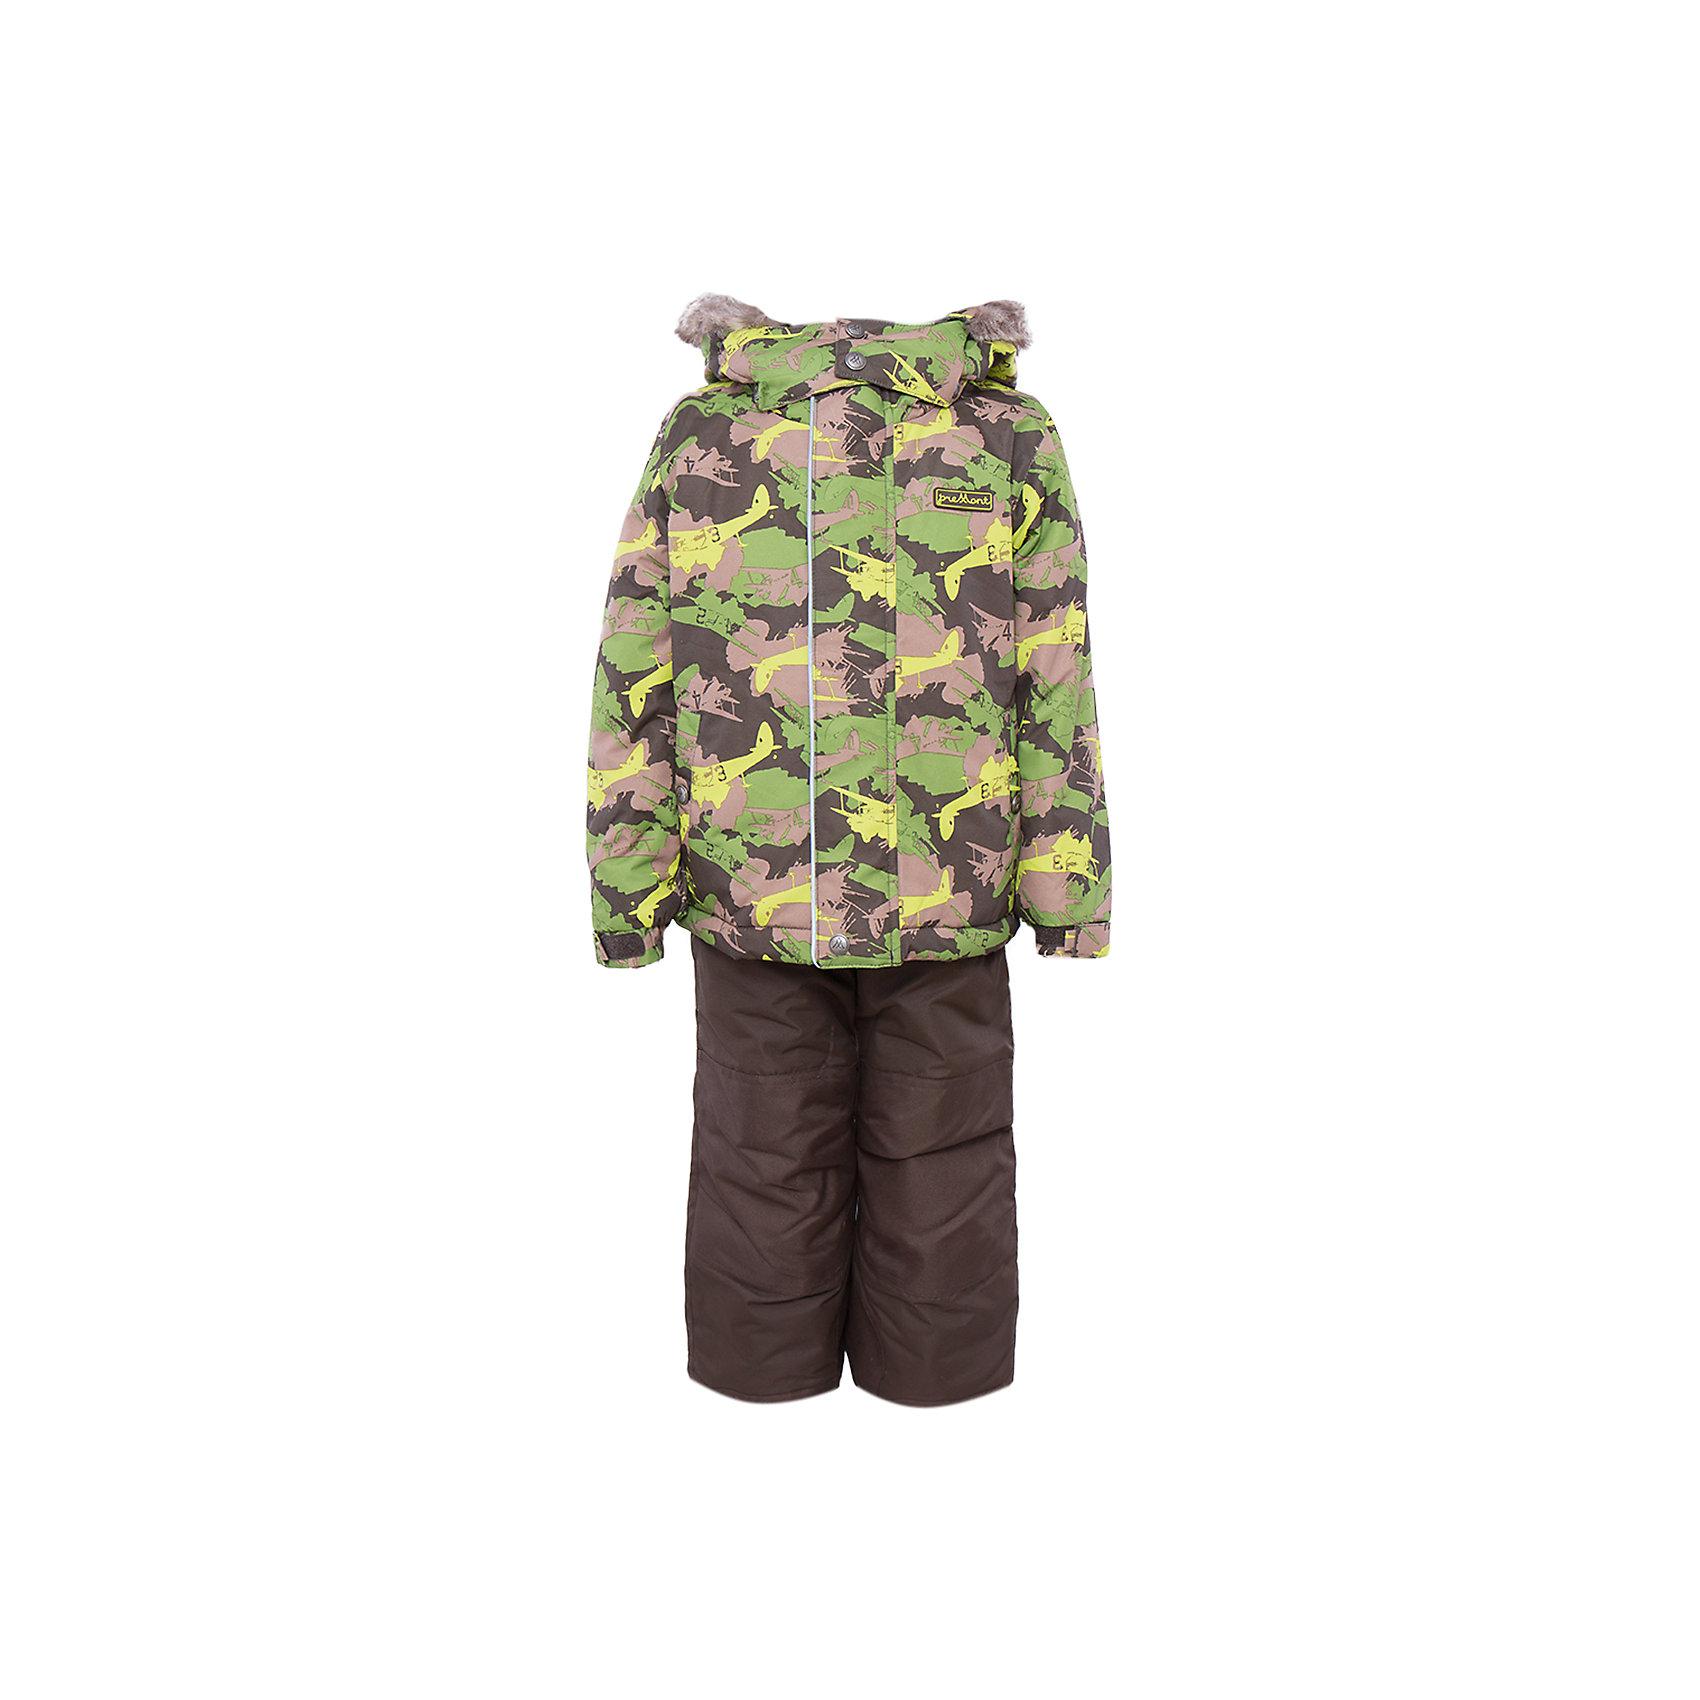 Комплект: куртка и брюки для мальчика PremontВерхняя одежда<br>Комплект: куртка и брюки для мальчика от известного бренда Premont.<br>Все мальчишки любят играть в войну, представлять себя на полях сражения, и дизайнеры компании Premont не могли не учесть этот психологический аспект. Принт «Легенда Гудзона» подойдет для маленьких и отважных героев, которые хотят статьнастоящими защитниками и бойцами.<br>Брюки до 6 лет идут с высокой грудкой, после 6 лет - с отстегивающейся спинкой.<br>Состав:<br>Ткань верха: мембрана 5000мм/5000г/м2/24h, Taslan<br>Подклад: Polarfleece (тело, капюшон, манжеты), Taffeta (брюки, рукава, снежная юбка) Утеплитель: Tech-polyfill (куртка 280г, брюки 180г)<br><br>Ширина мм: 356<br>Глубина мм: 10<br>Высота мм: 245<br>Вес г: 519<br>Цвет: зеленый<br>Возраст от месяцев: 36<br>Возраст до месяцев: 36<br>Пол: Мужской<br>Возраст: Детский<br>Размер: 100,140,92,98,104,110,116,120,122,128<br>SKU: 4996894